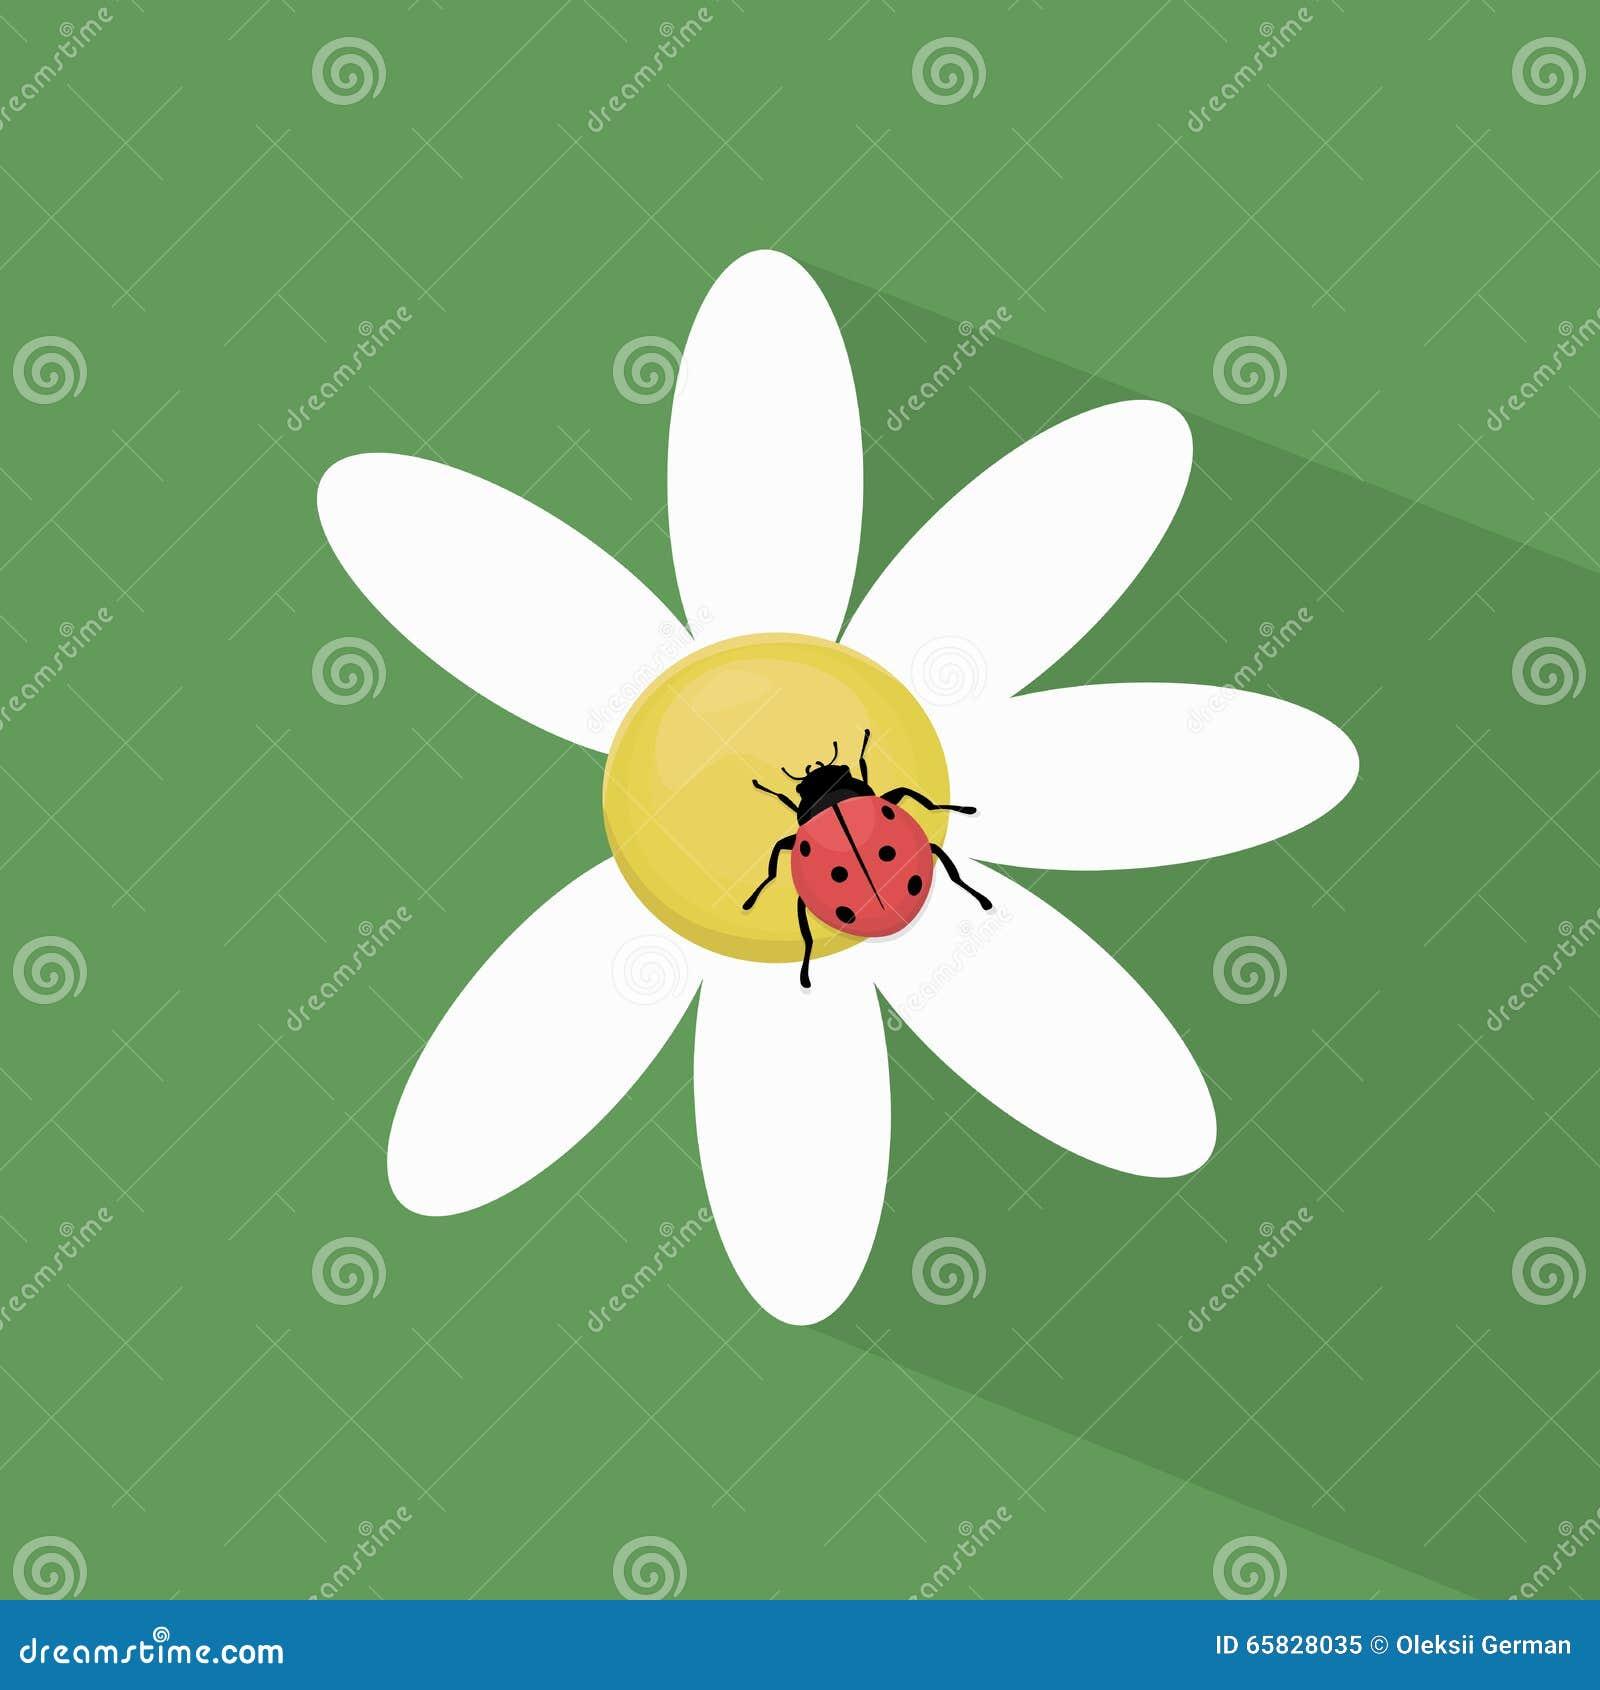 Camomile ladybug